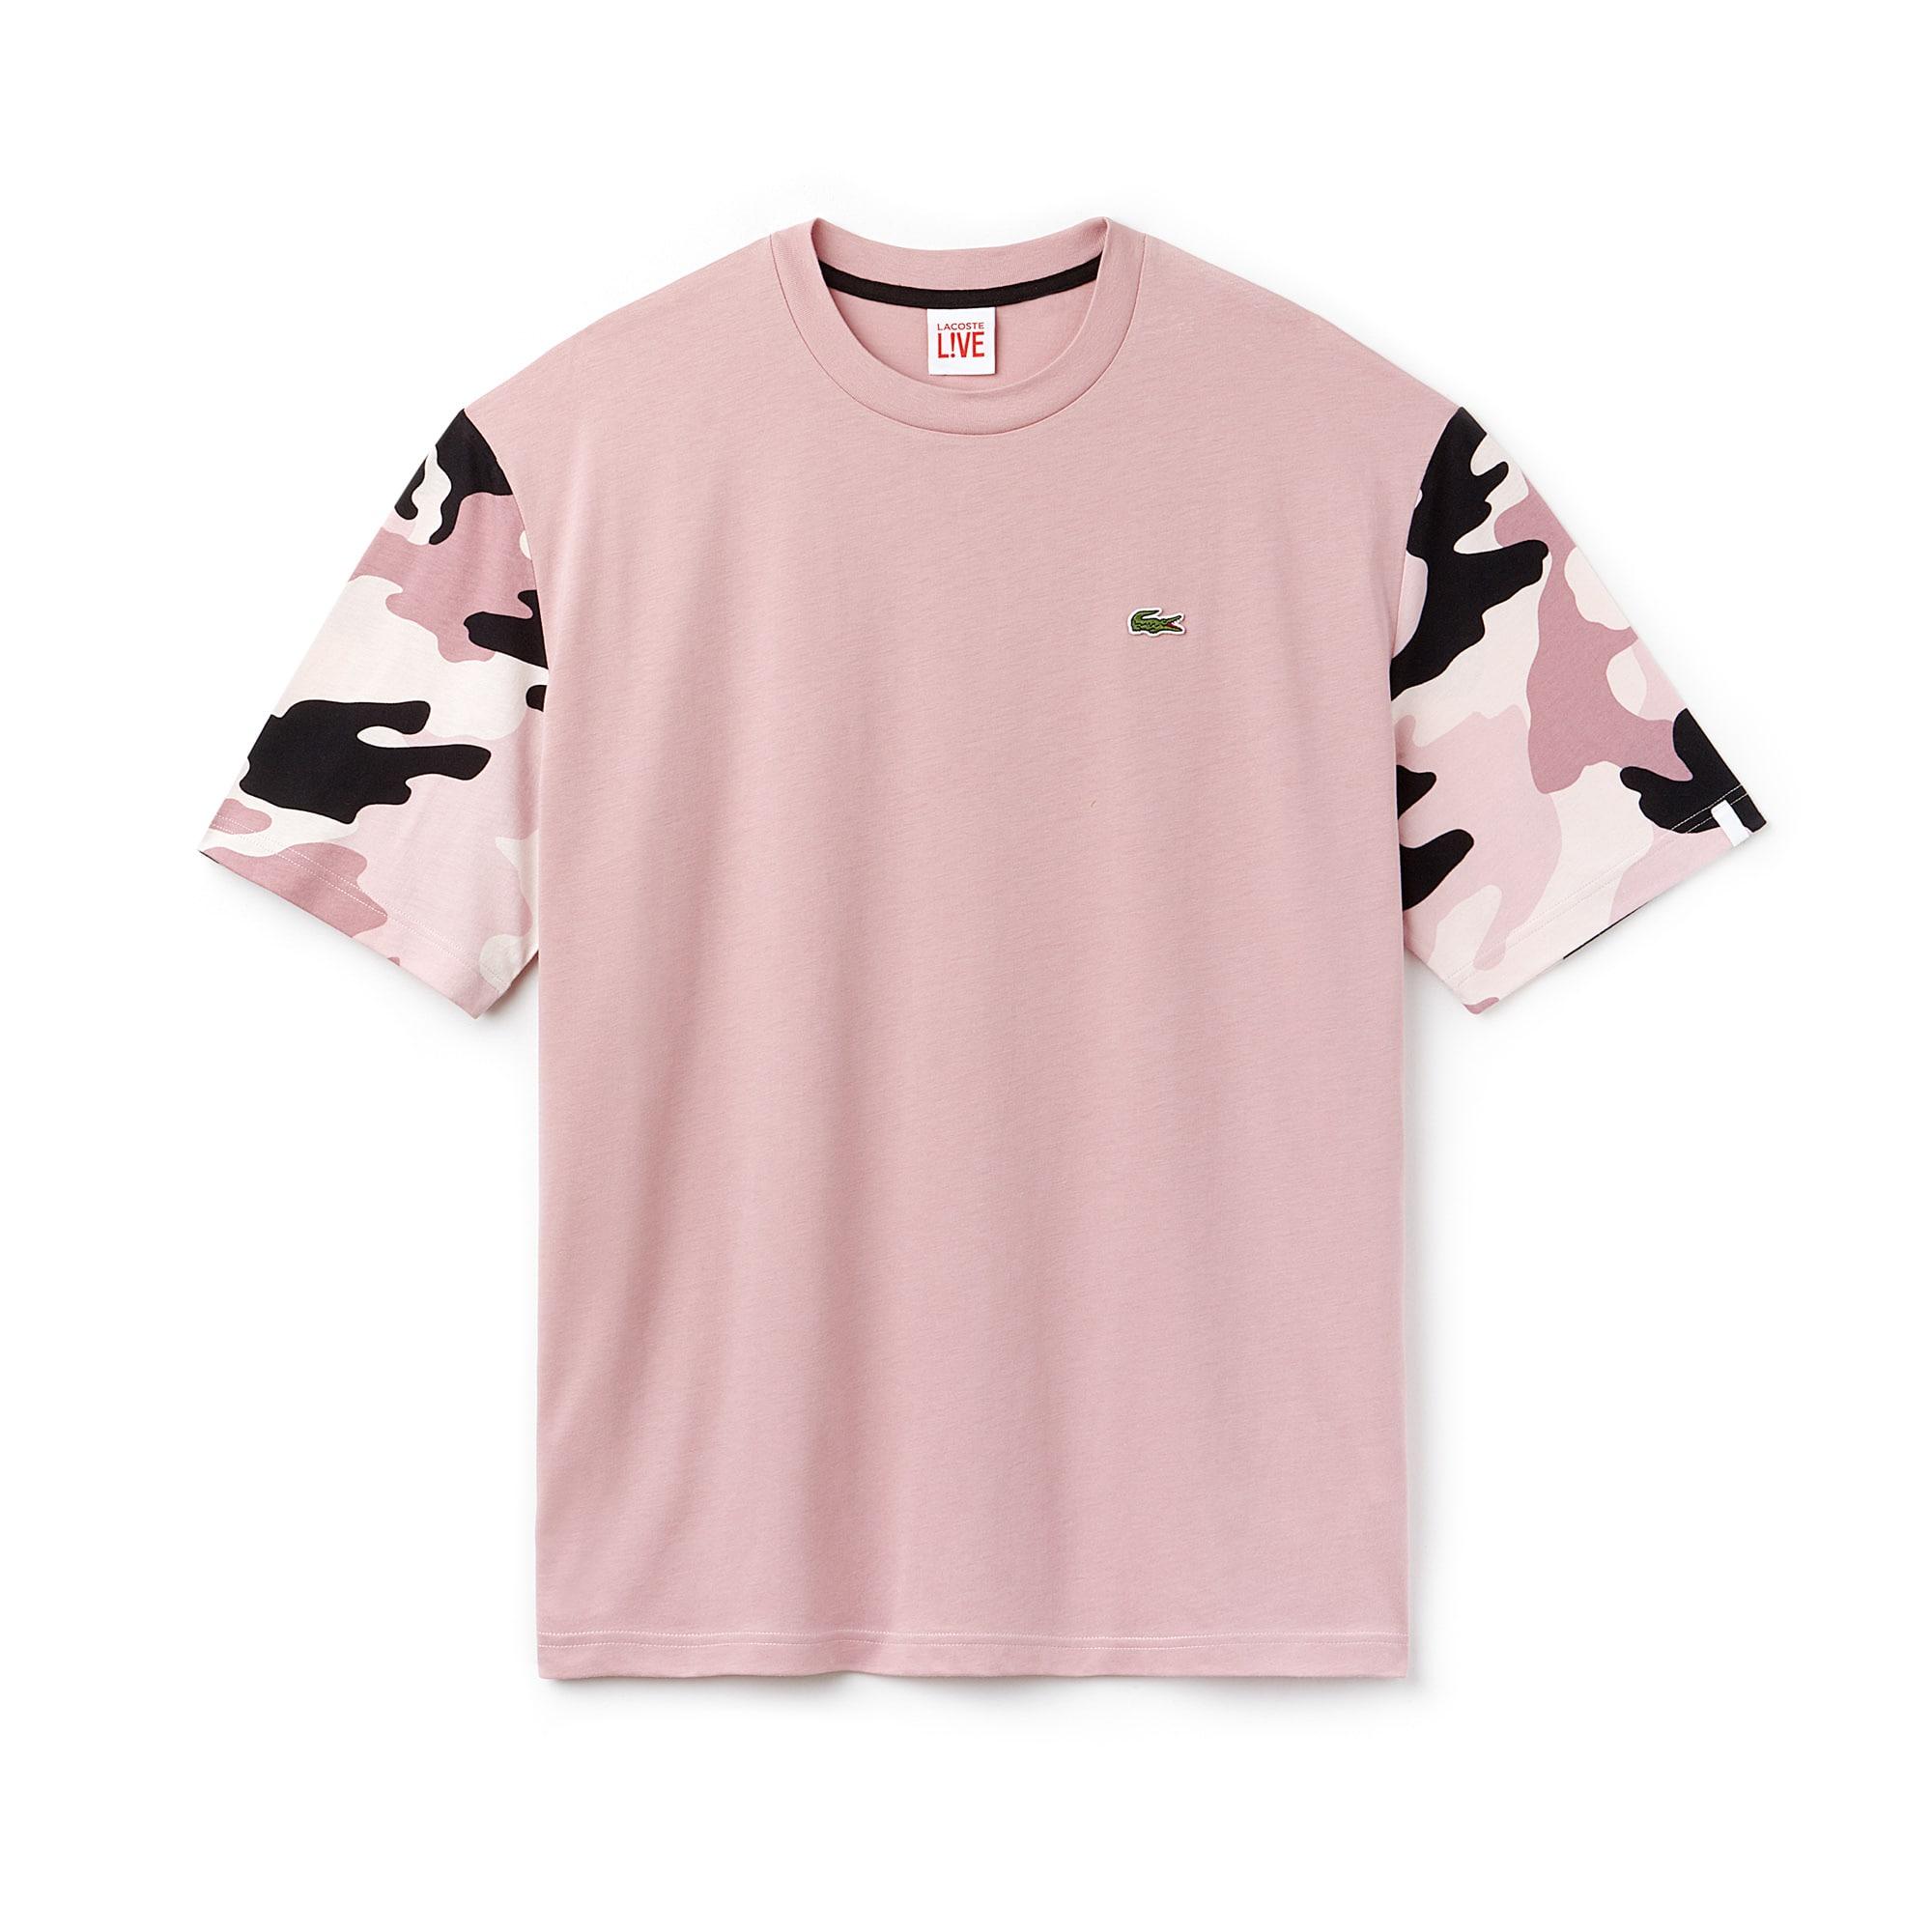 T-shirt a girocollo Lacoste LIVE in jersey tinta unita con maniche stampate